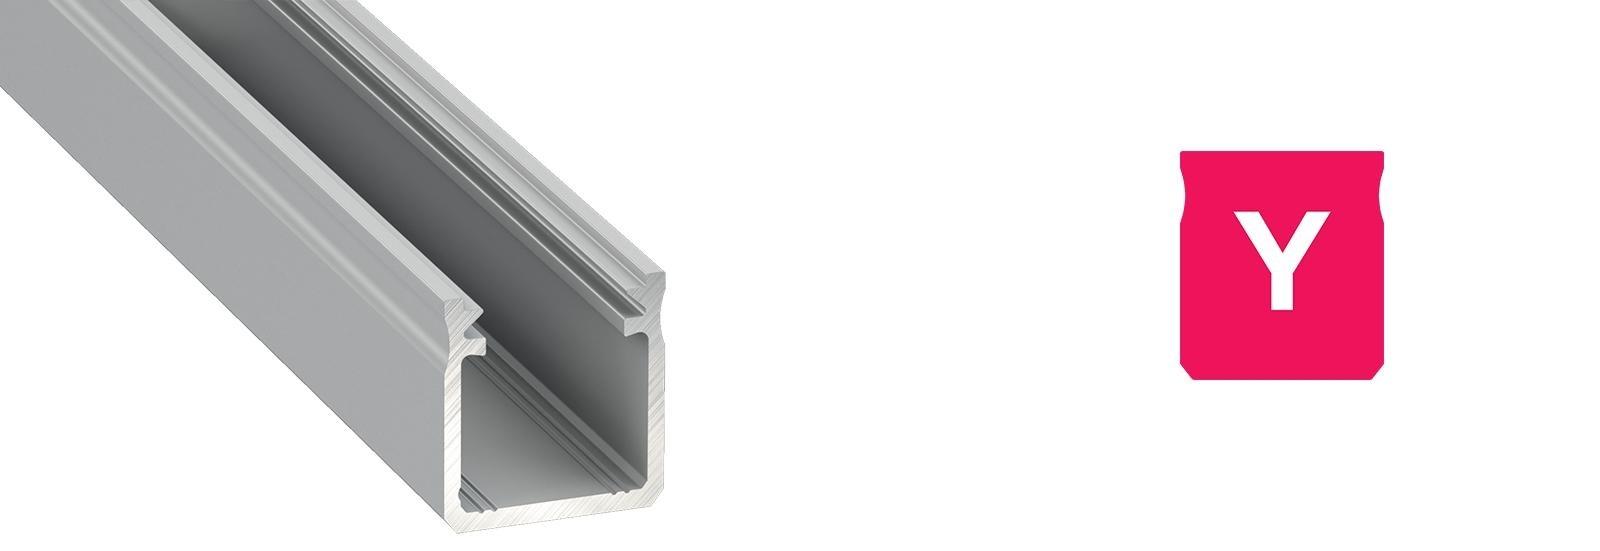 Profil LED wysoki typ Y